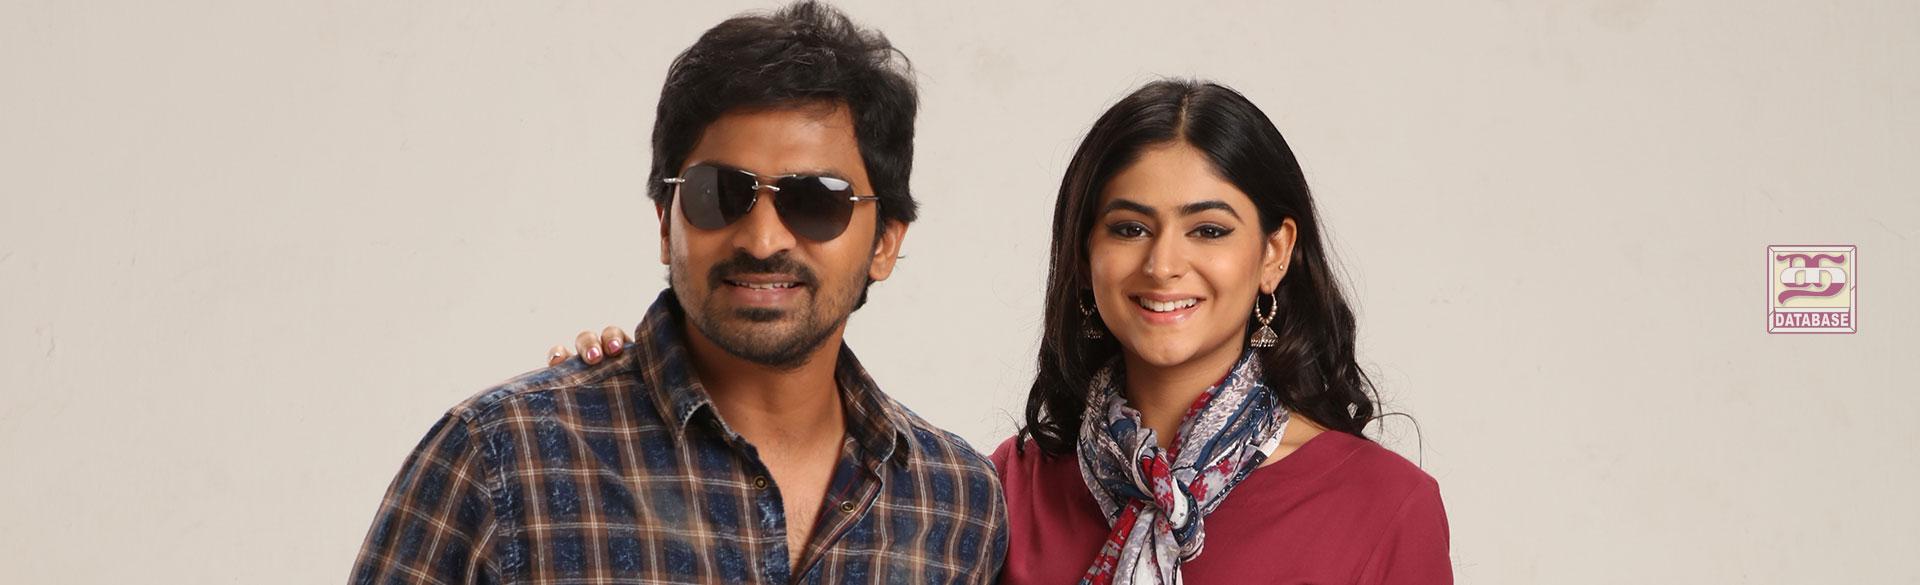 சிக்சர் - இந்த வார நம்பர் 1 படம் - Tamil Movies Database